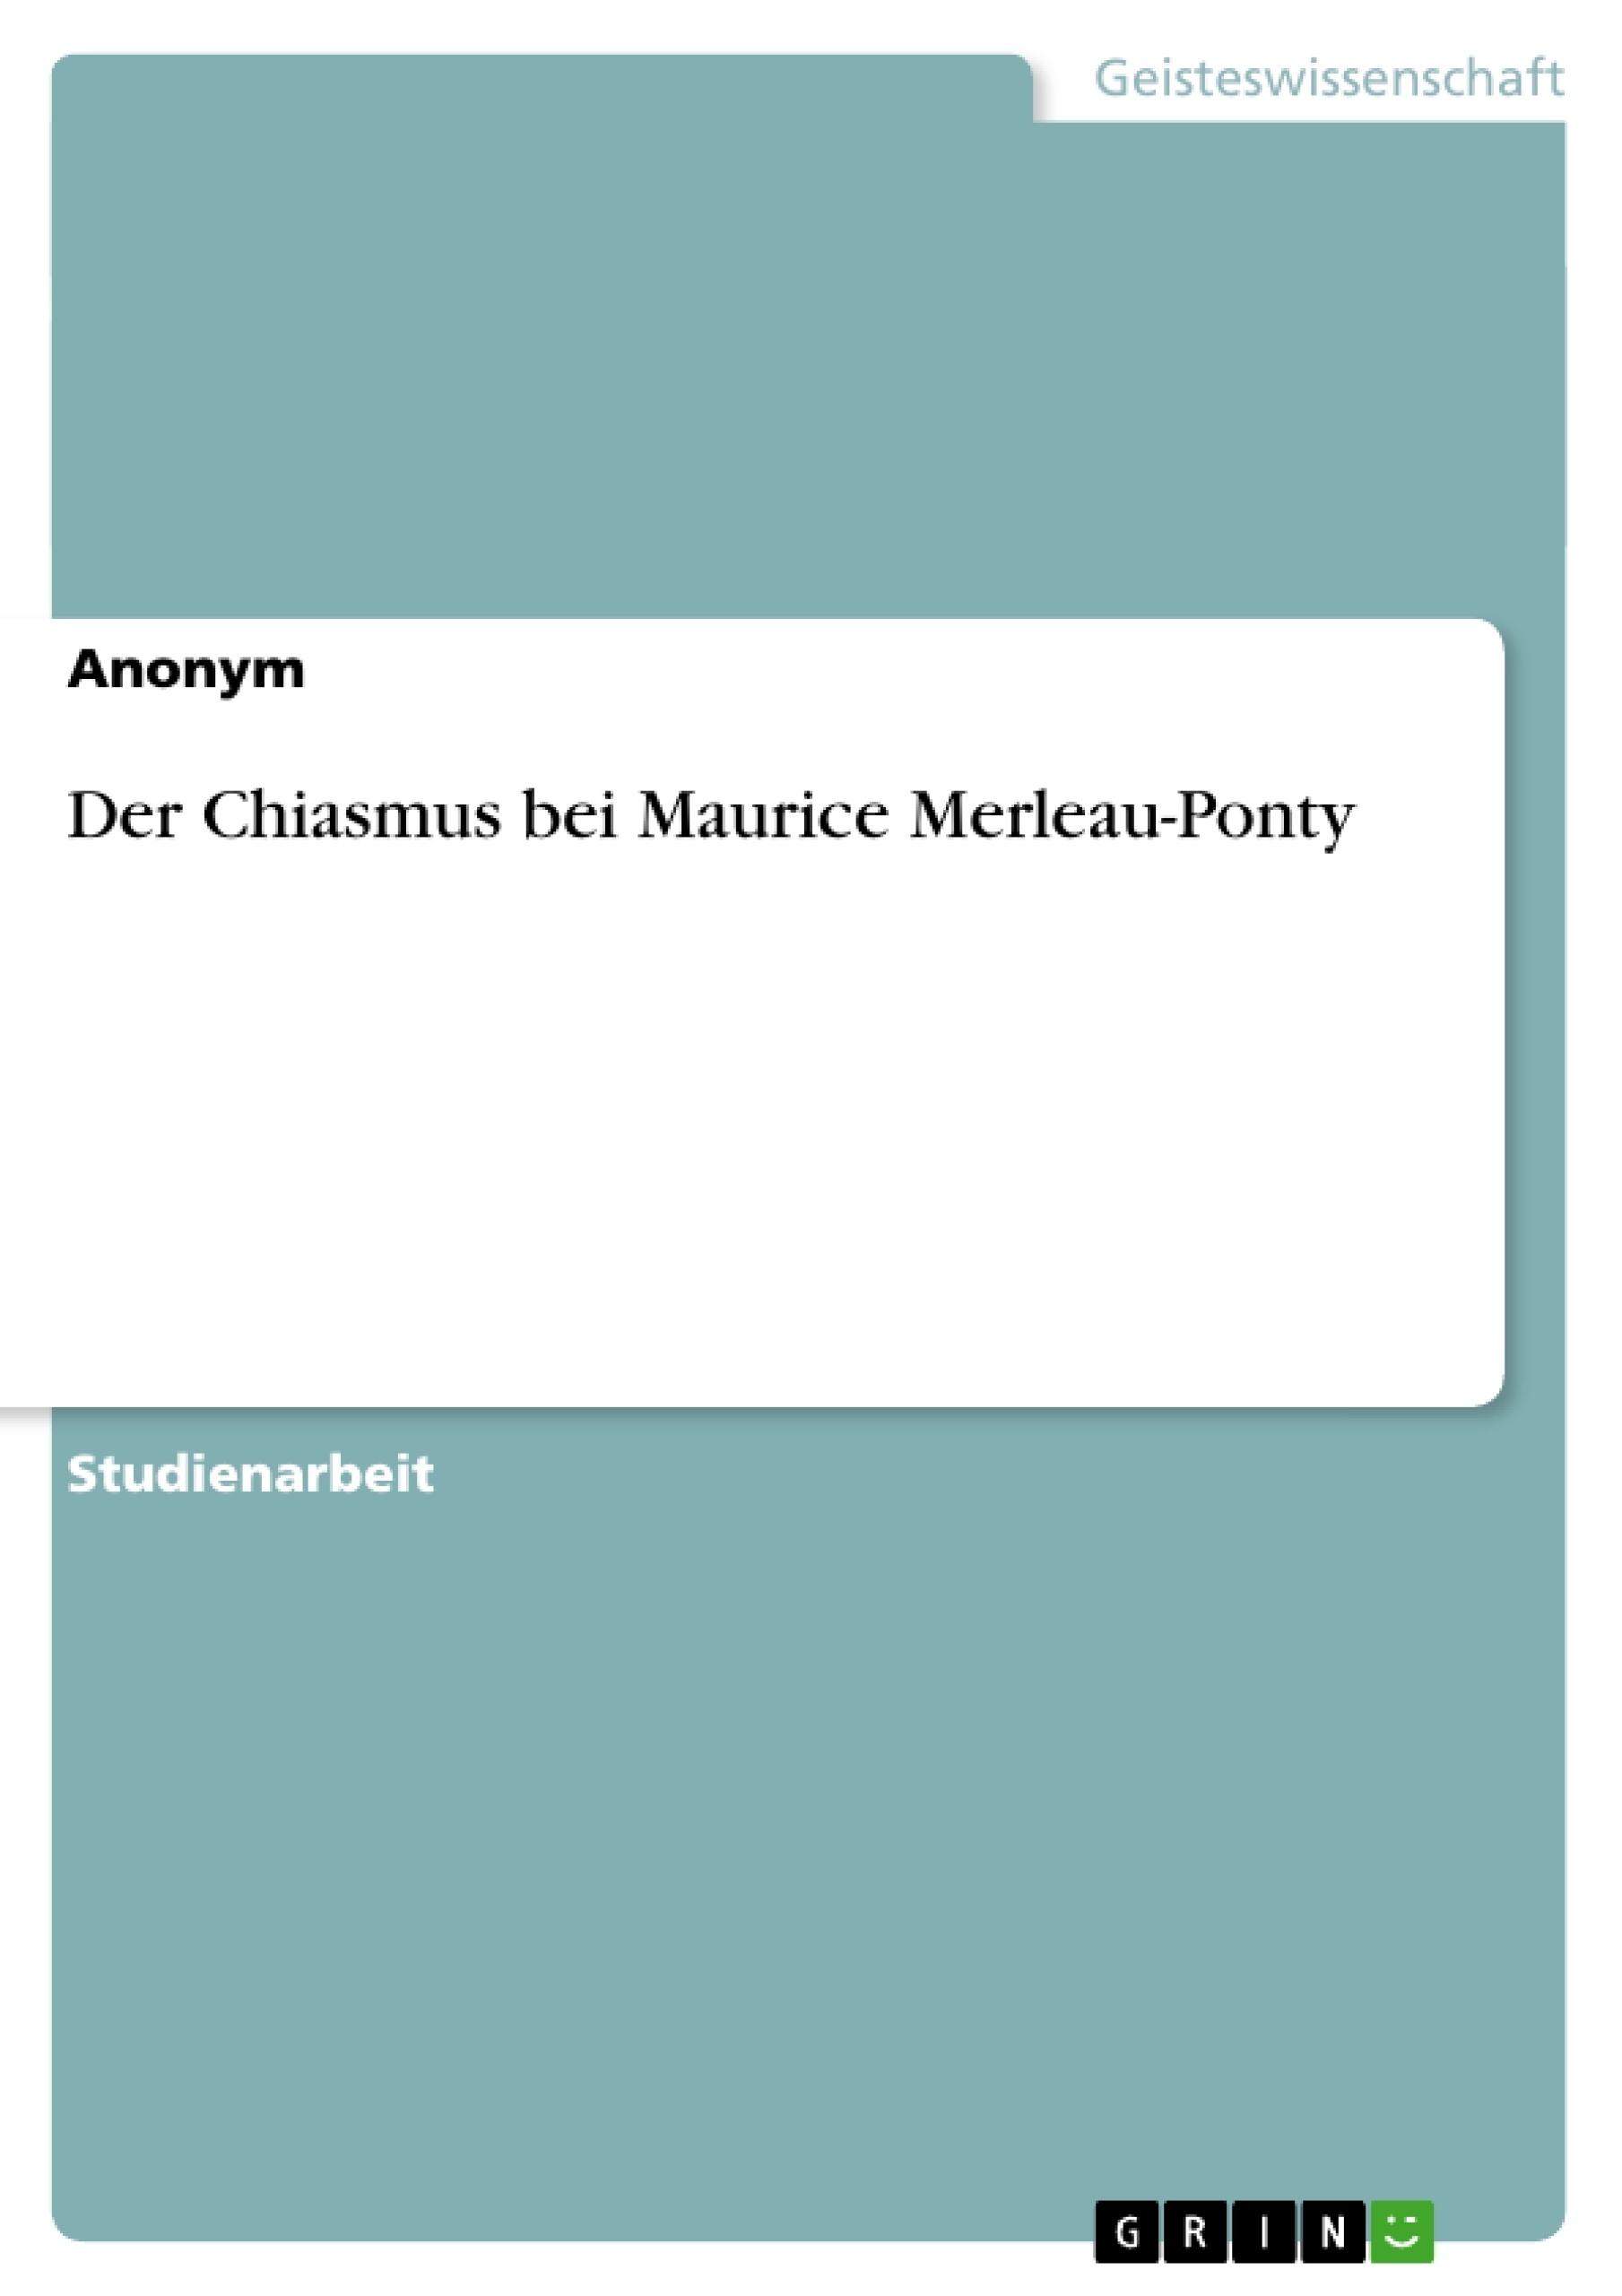 Titel: Der Chiasmus bei Maurice Merleau-Ponty